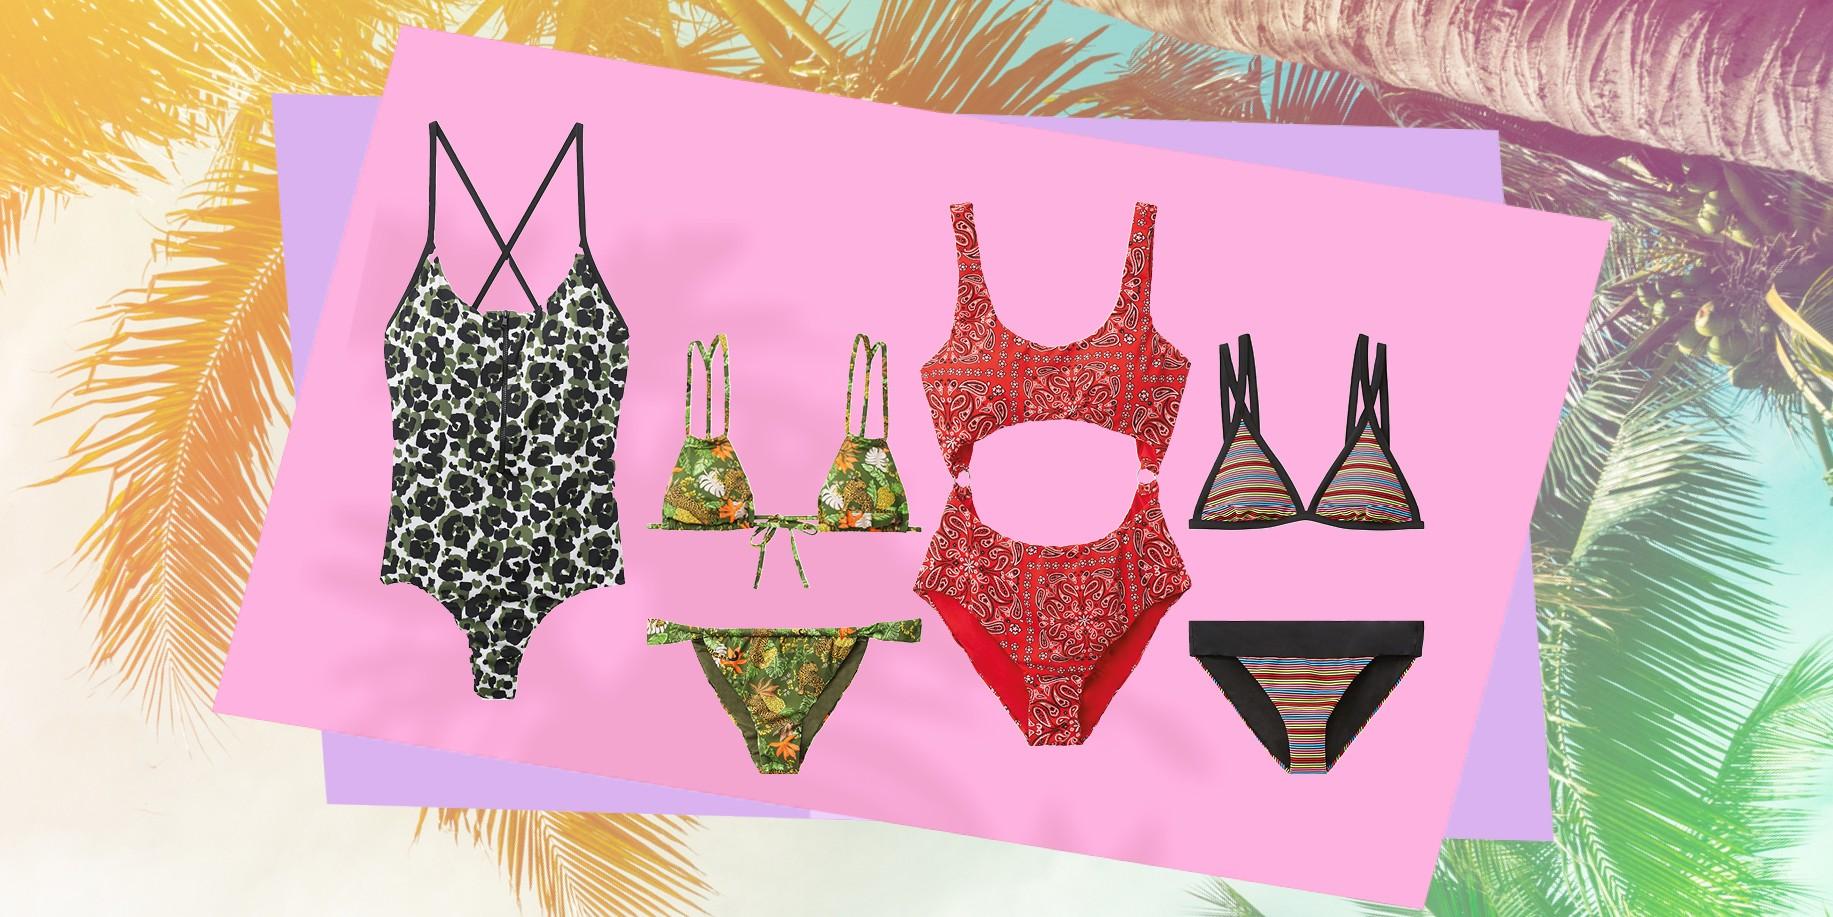 Τα πρώτα μαγιό Tezenis έφτασαν στα καταστήματα και είναι υπέροχα! H Beachwear Collection 2020 της Tezenis είναι γεμάτη ζωντάνια, νεανικότητα και θετική ενέργεια, με τέσσερα παιχνιδιάρικα θέματα καθορίζουν αυτά τα ιδιαίτερα θηλυκά looks. Ανακαλύψτε τα!